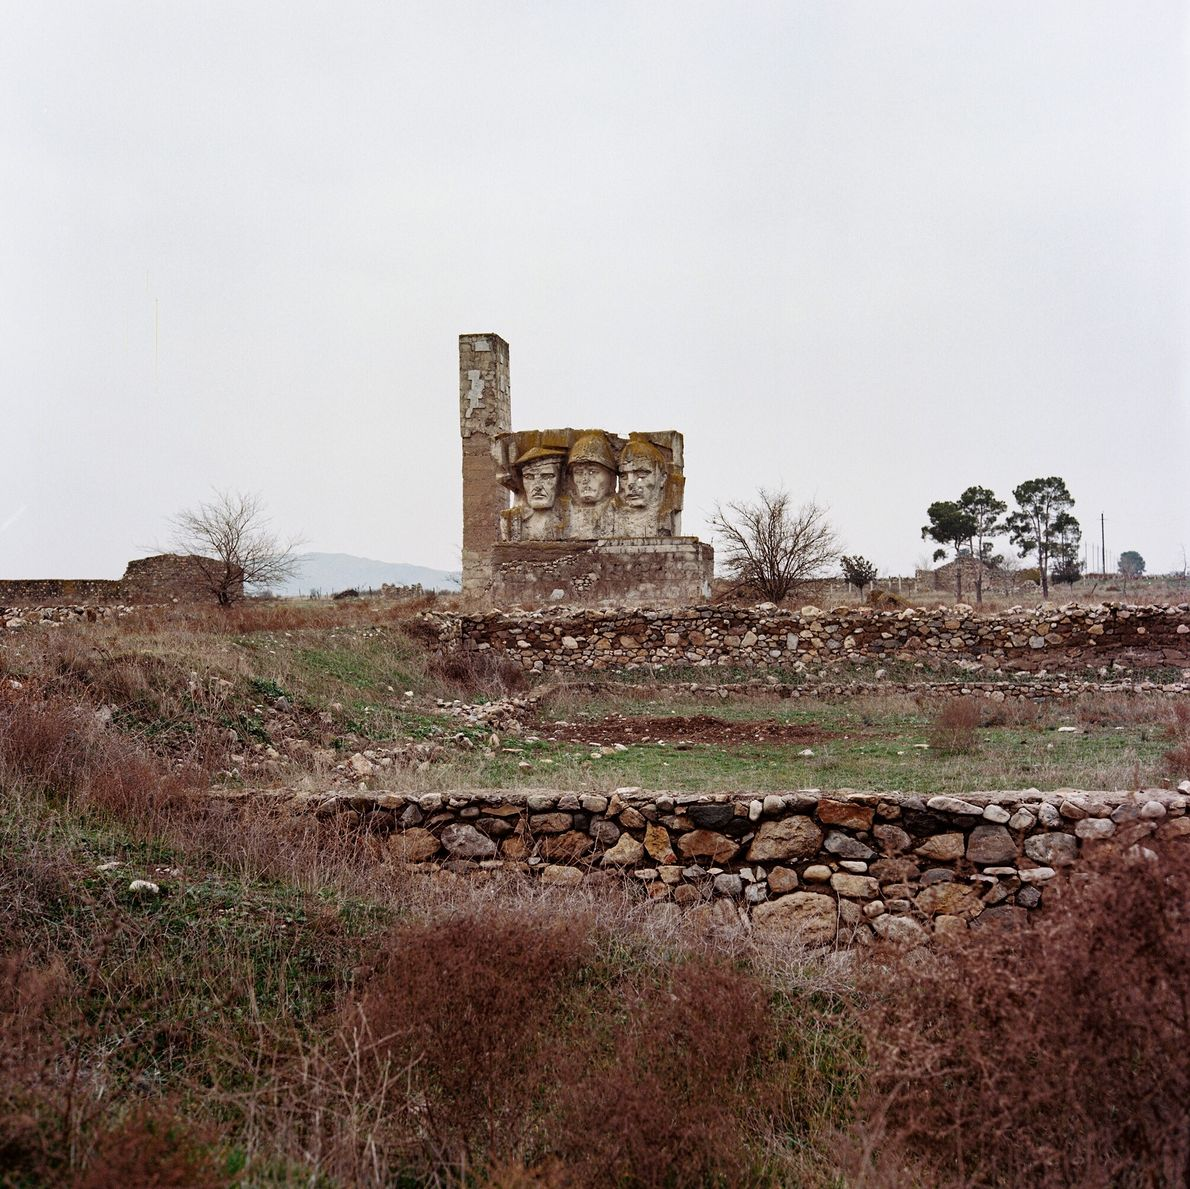 A Soviet-era World War II monument still stands in Jabrail province.